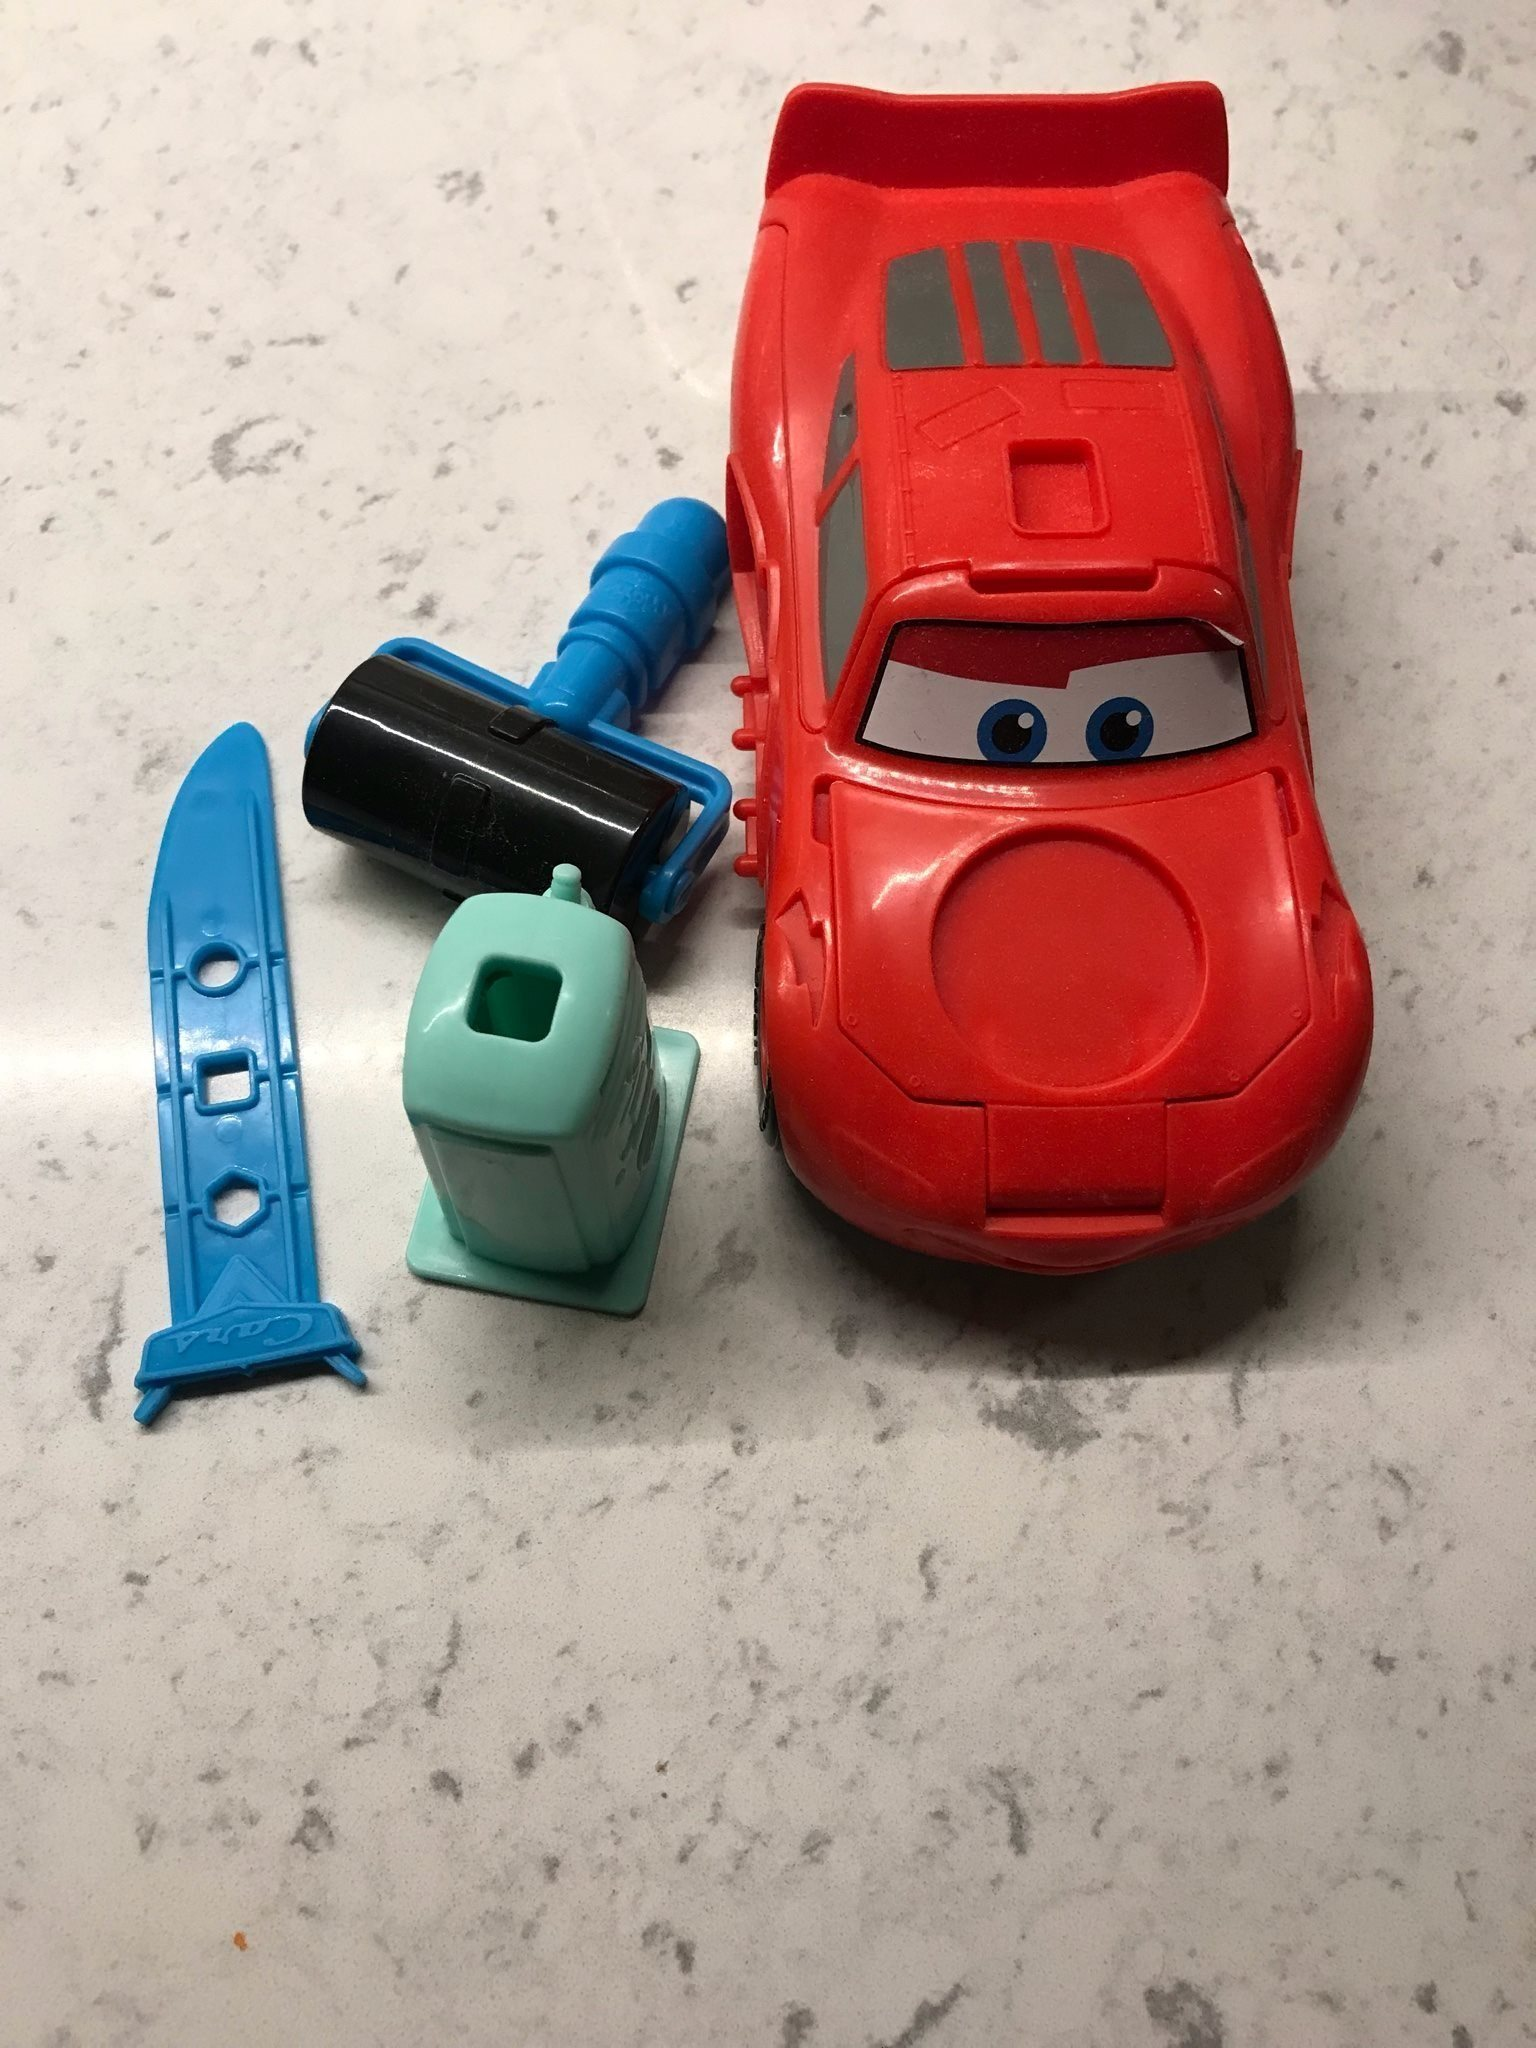 Play doy Disney cars 3 blixten mcqueen (340025293) ᐈ Köp på Tradera 336c7bda43001